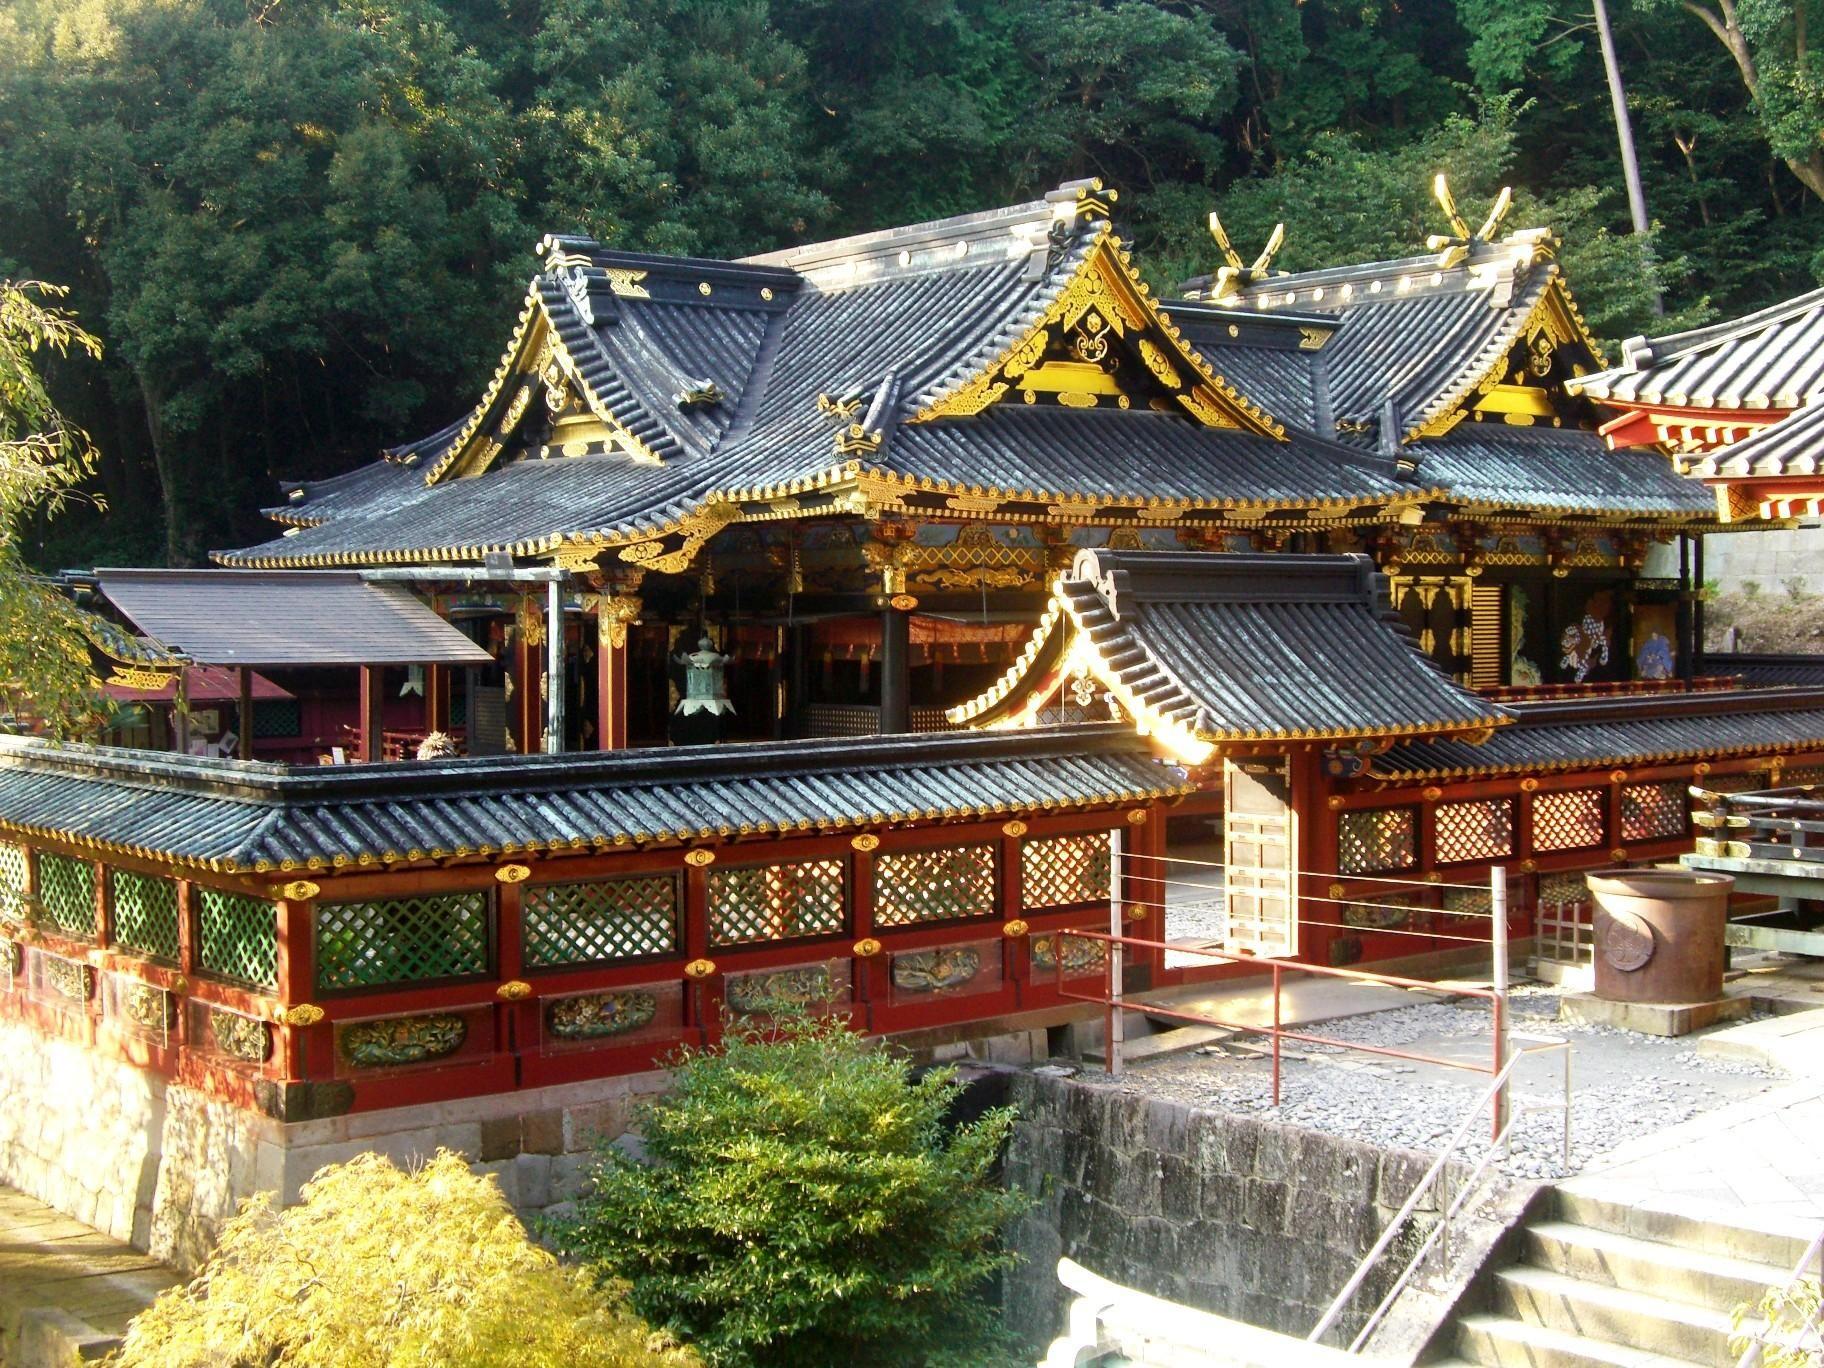 東照宮 Toshogu shrine - Nikko - Japan | Japan in 2019 | House ...